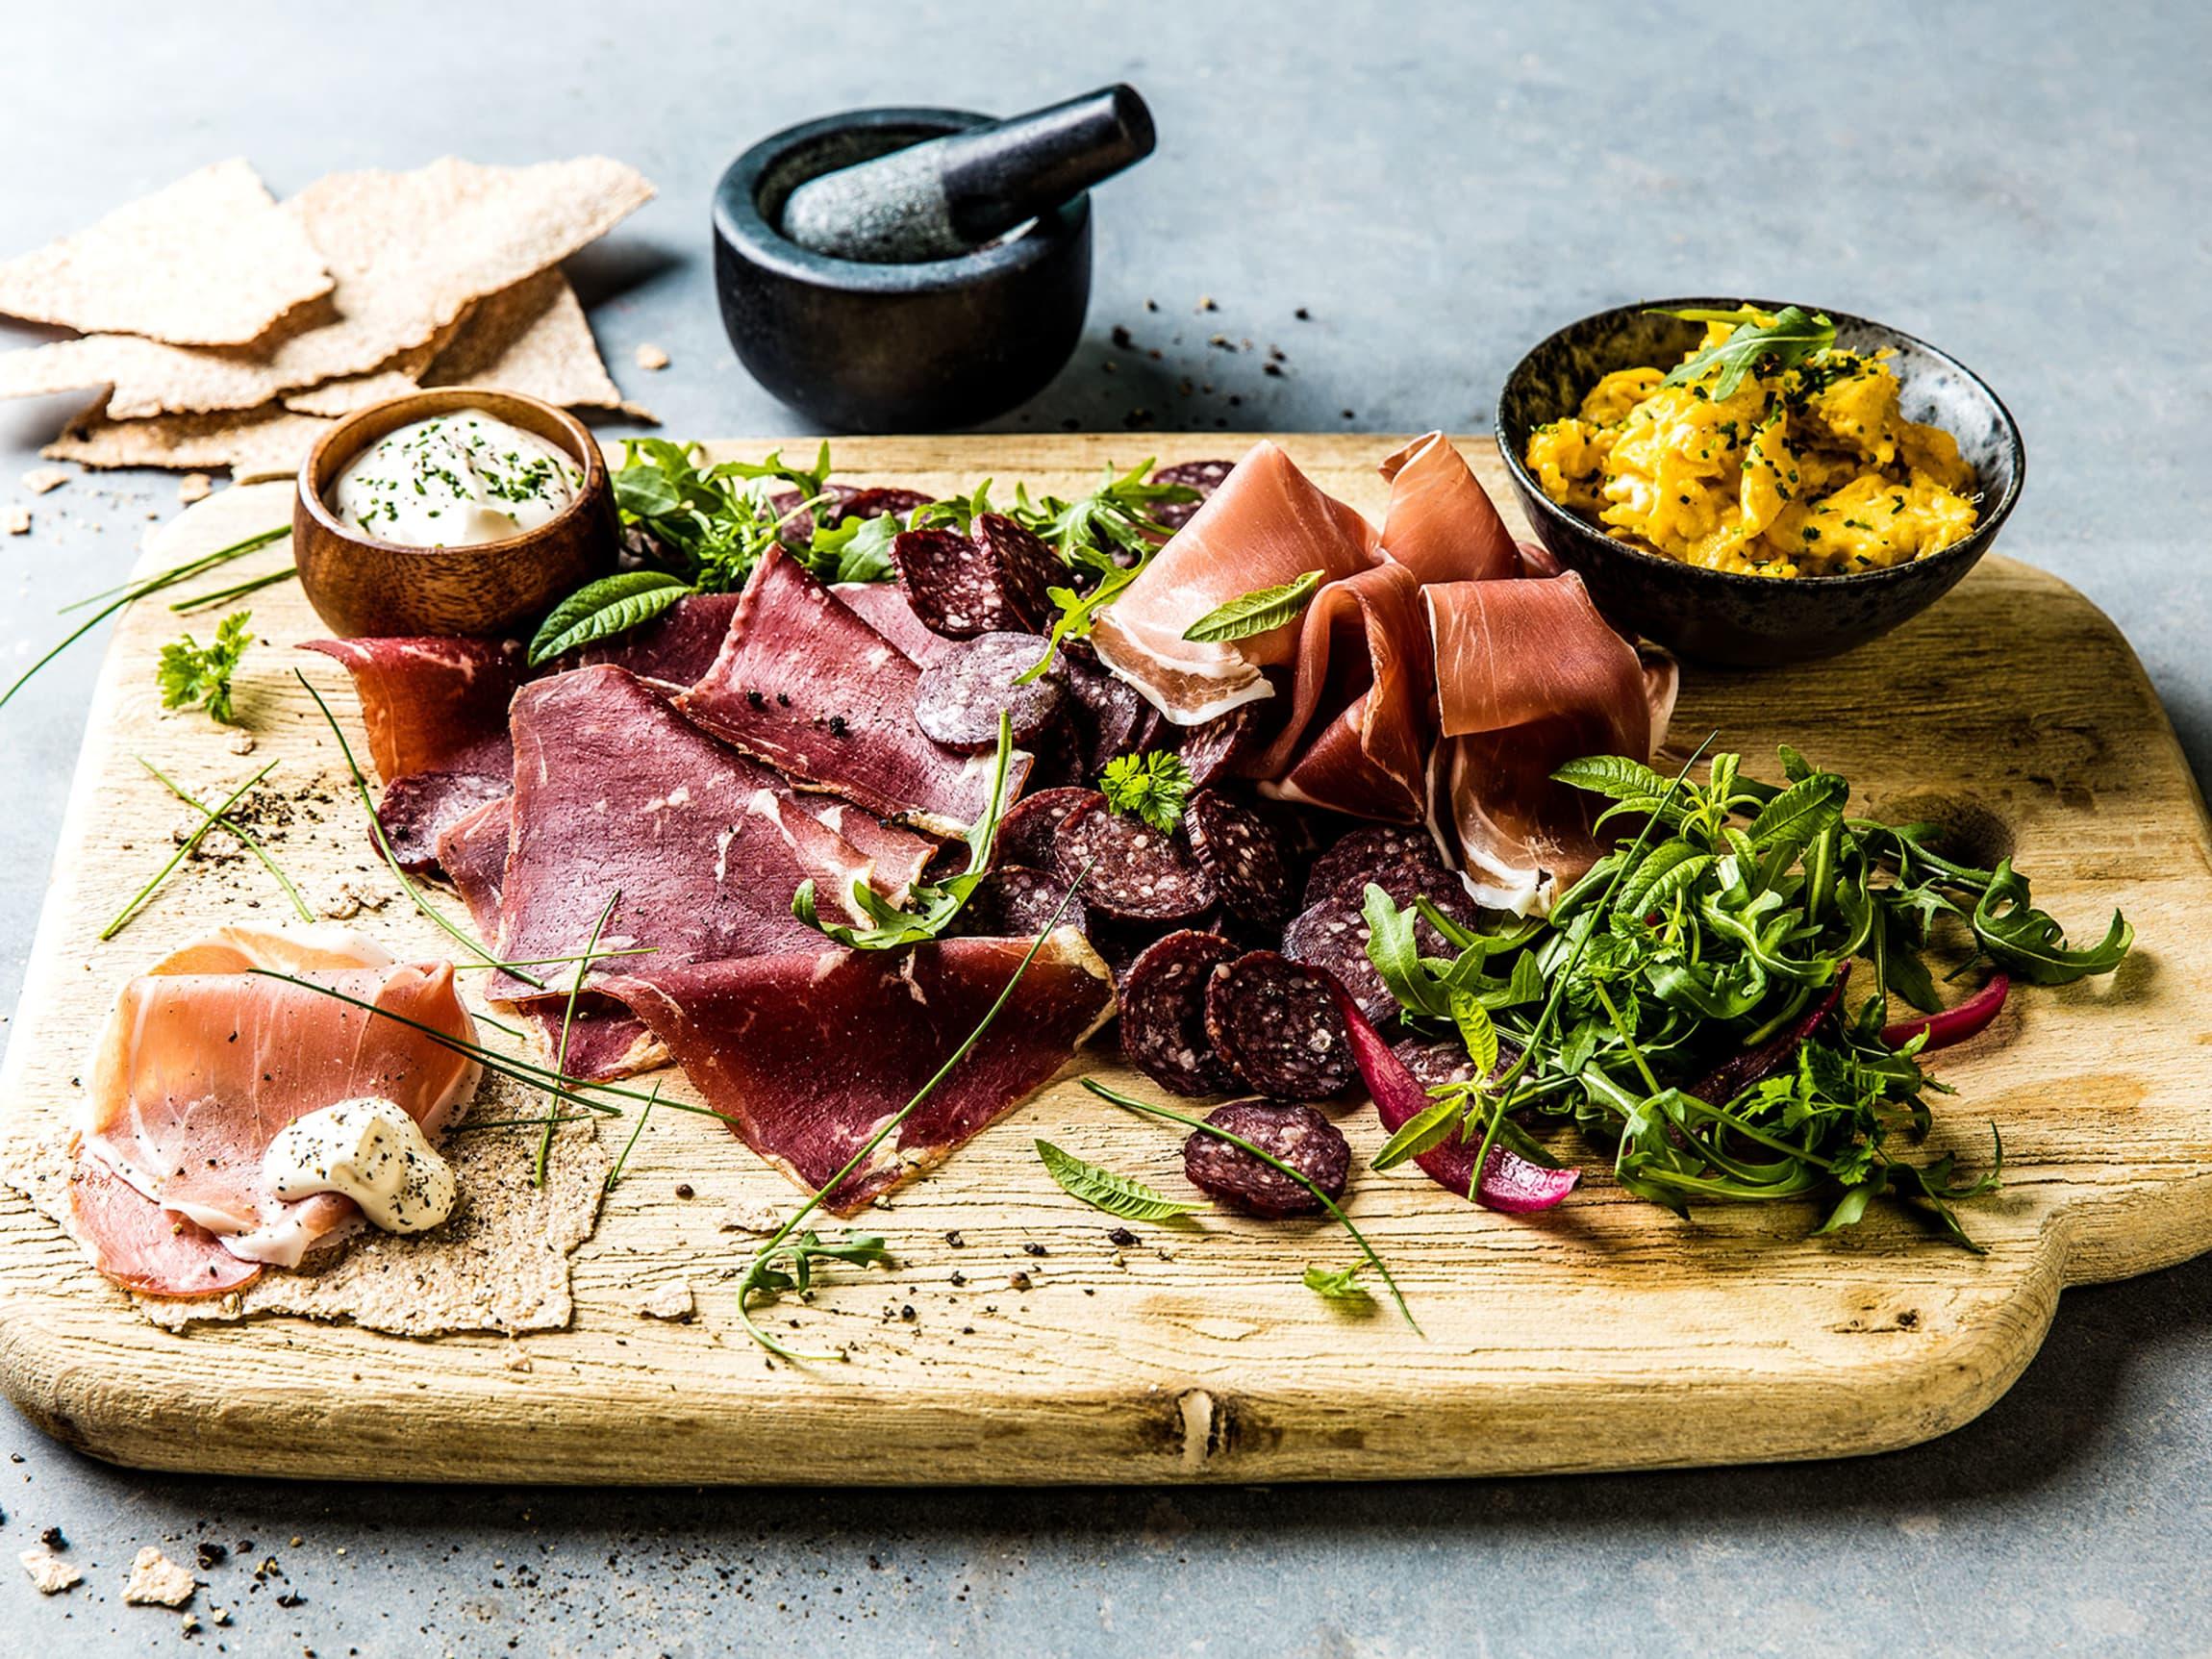 Den tradisjonelle spekematmiddagen har salat, potetsalat, rømme og eggerøre som tilbehør.